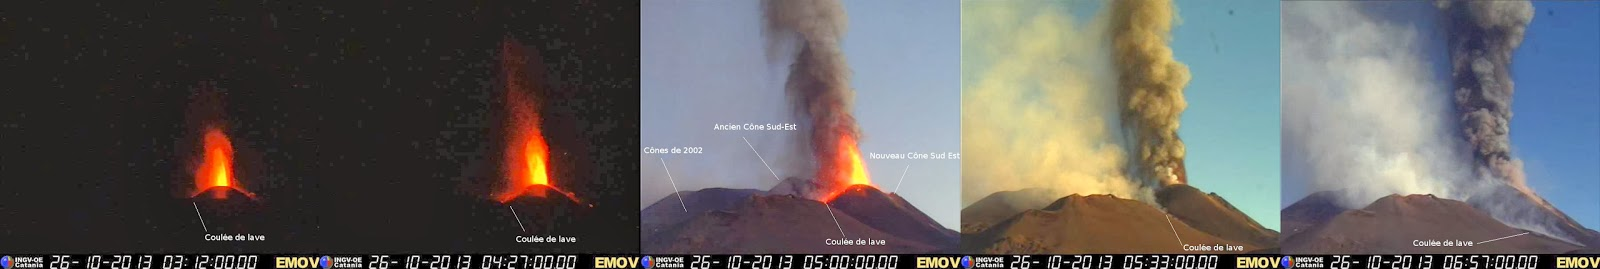 Coulée de lave du volcan Etna, 26 octobre 2013